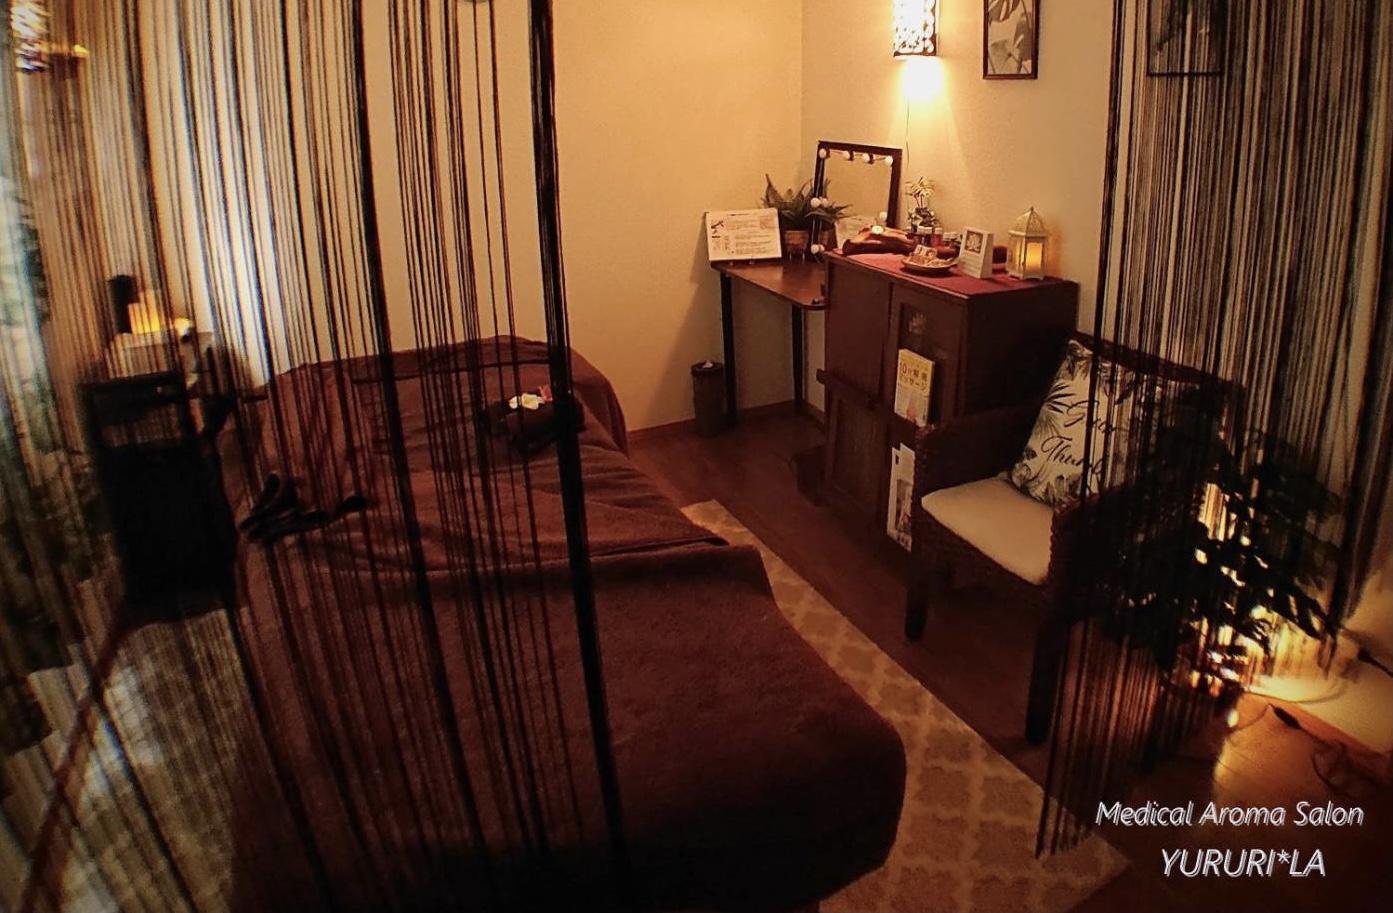 Medical Aroma Salon YURURI*La (1)